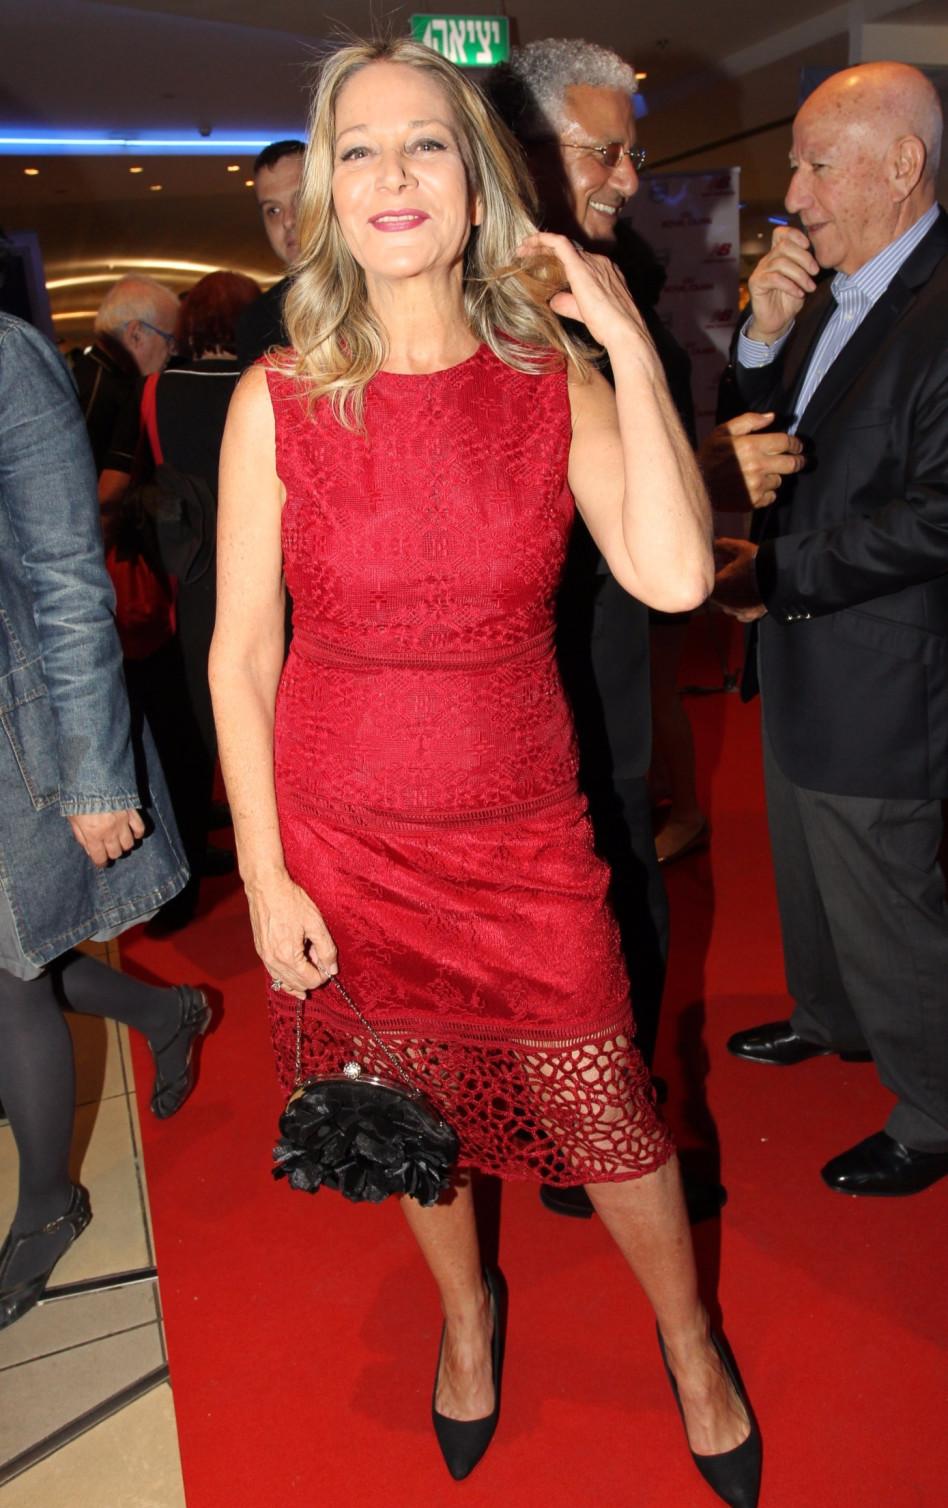 ואז הגיעה מיקי חיימוביץ', בשמלה אדומה